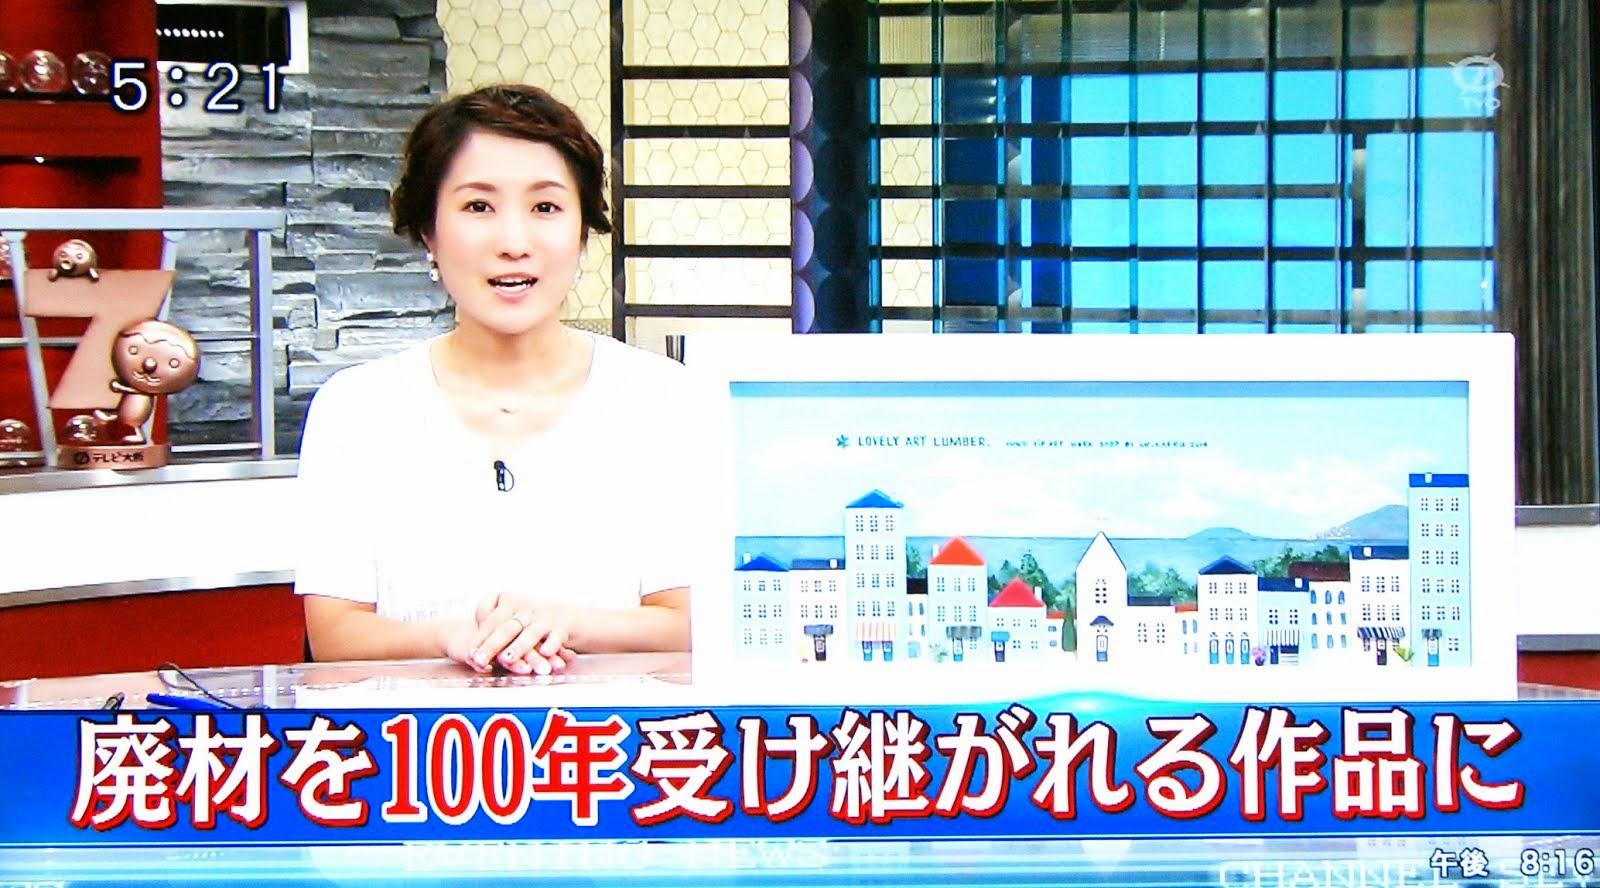 2014.9 テレビ大阪